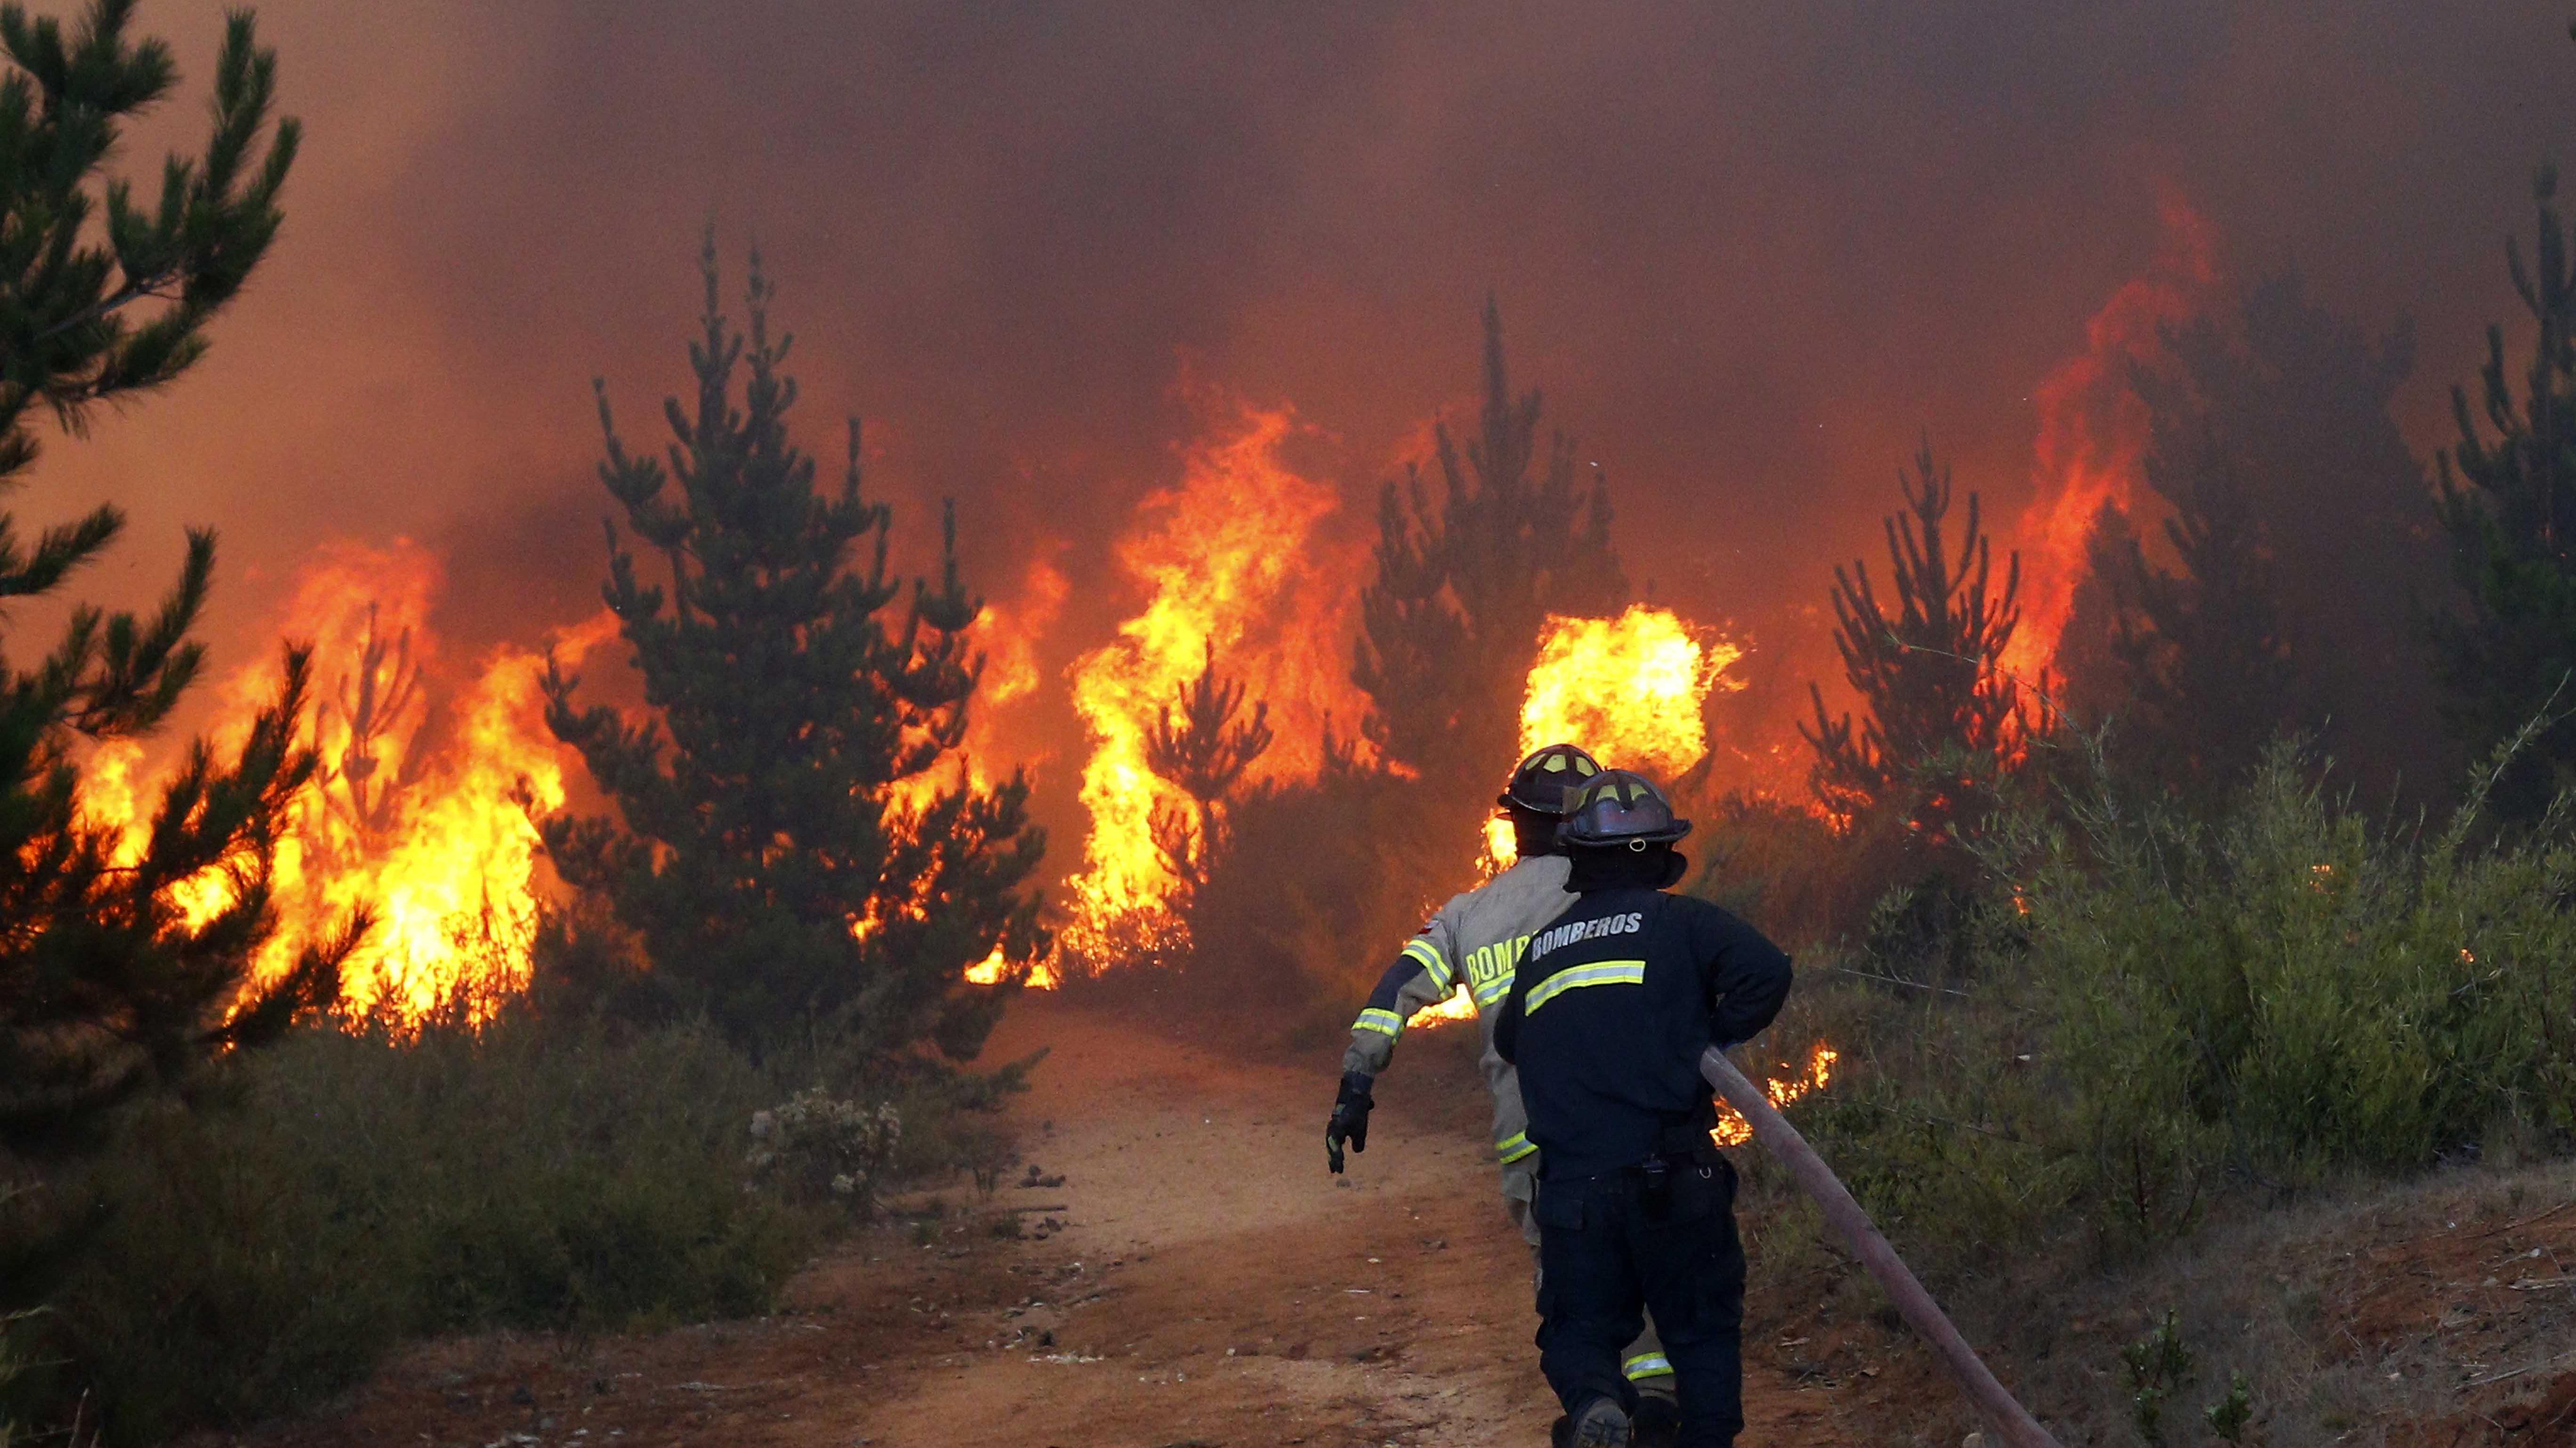 Alerta roja en Viña del Mar y Valparaíso por incendio forestal